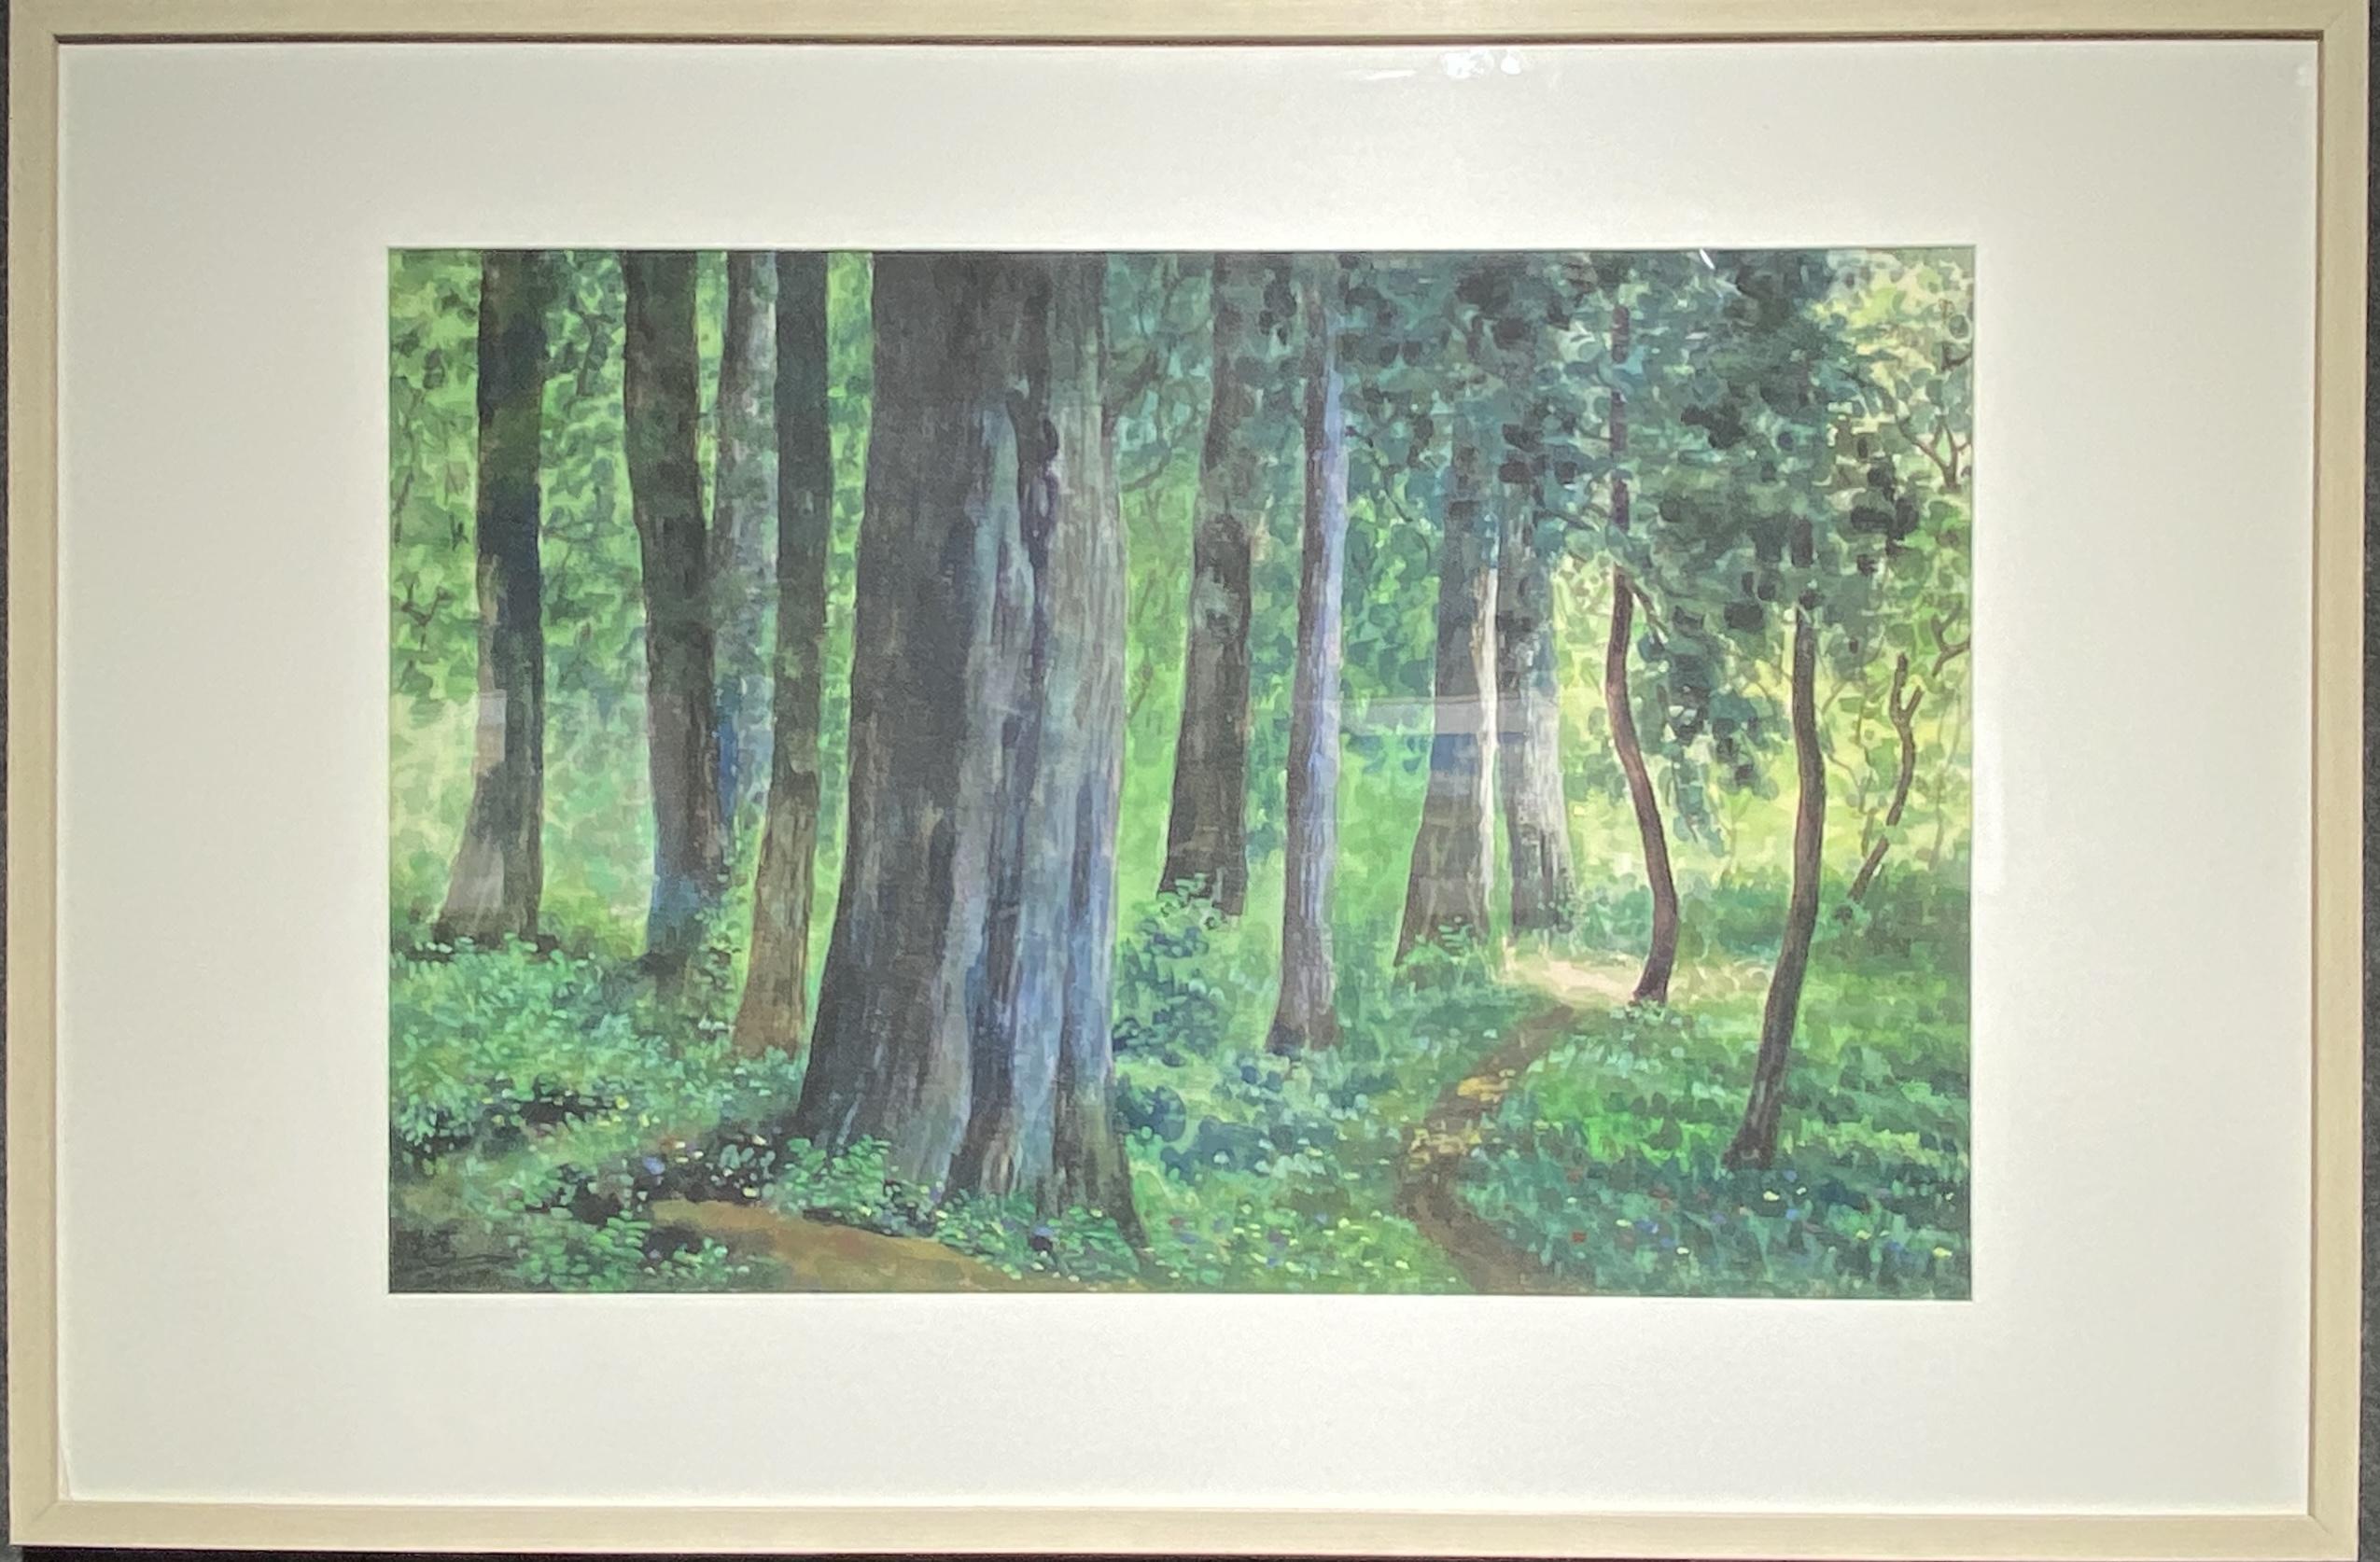 森林-2007-水彩画-52×78cm-「丹青を振りかけ、詩情を送る-何継篤個人書画展」成都市美術館